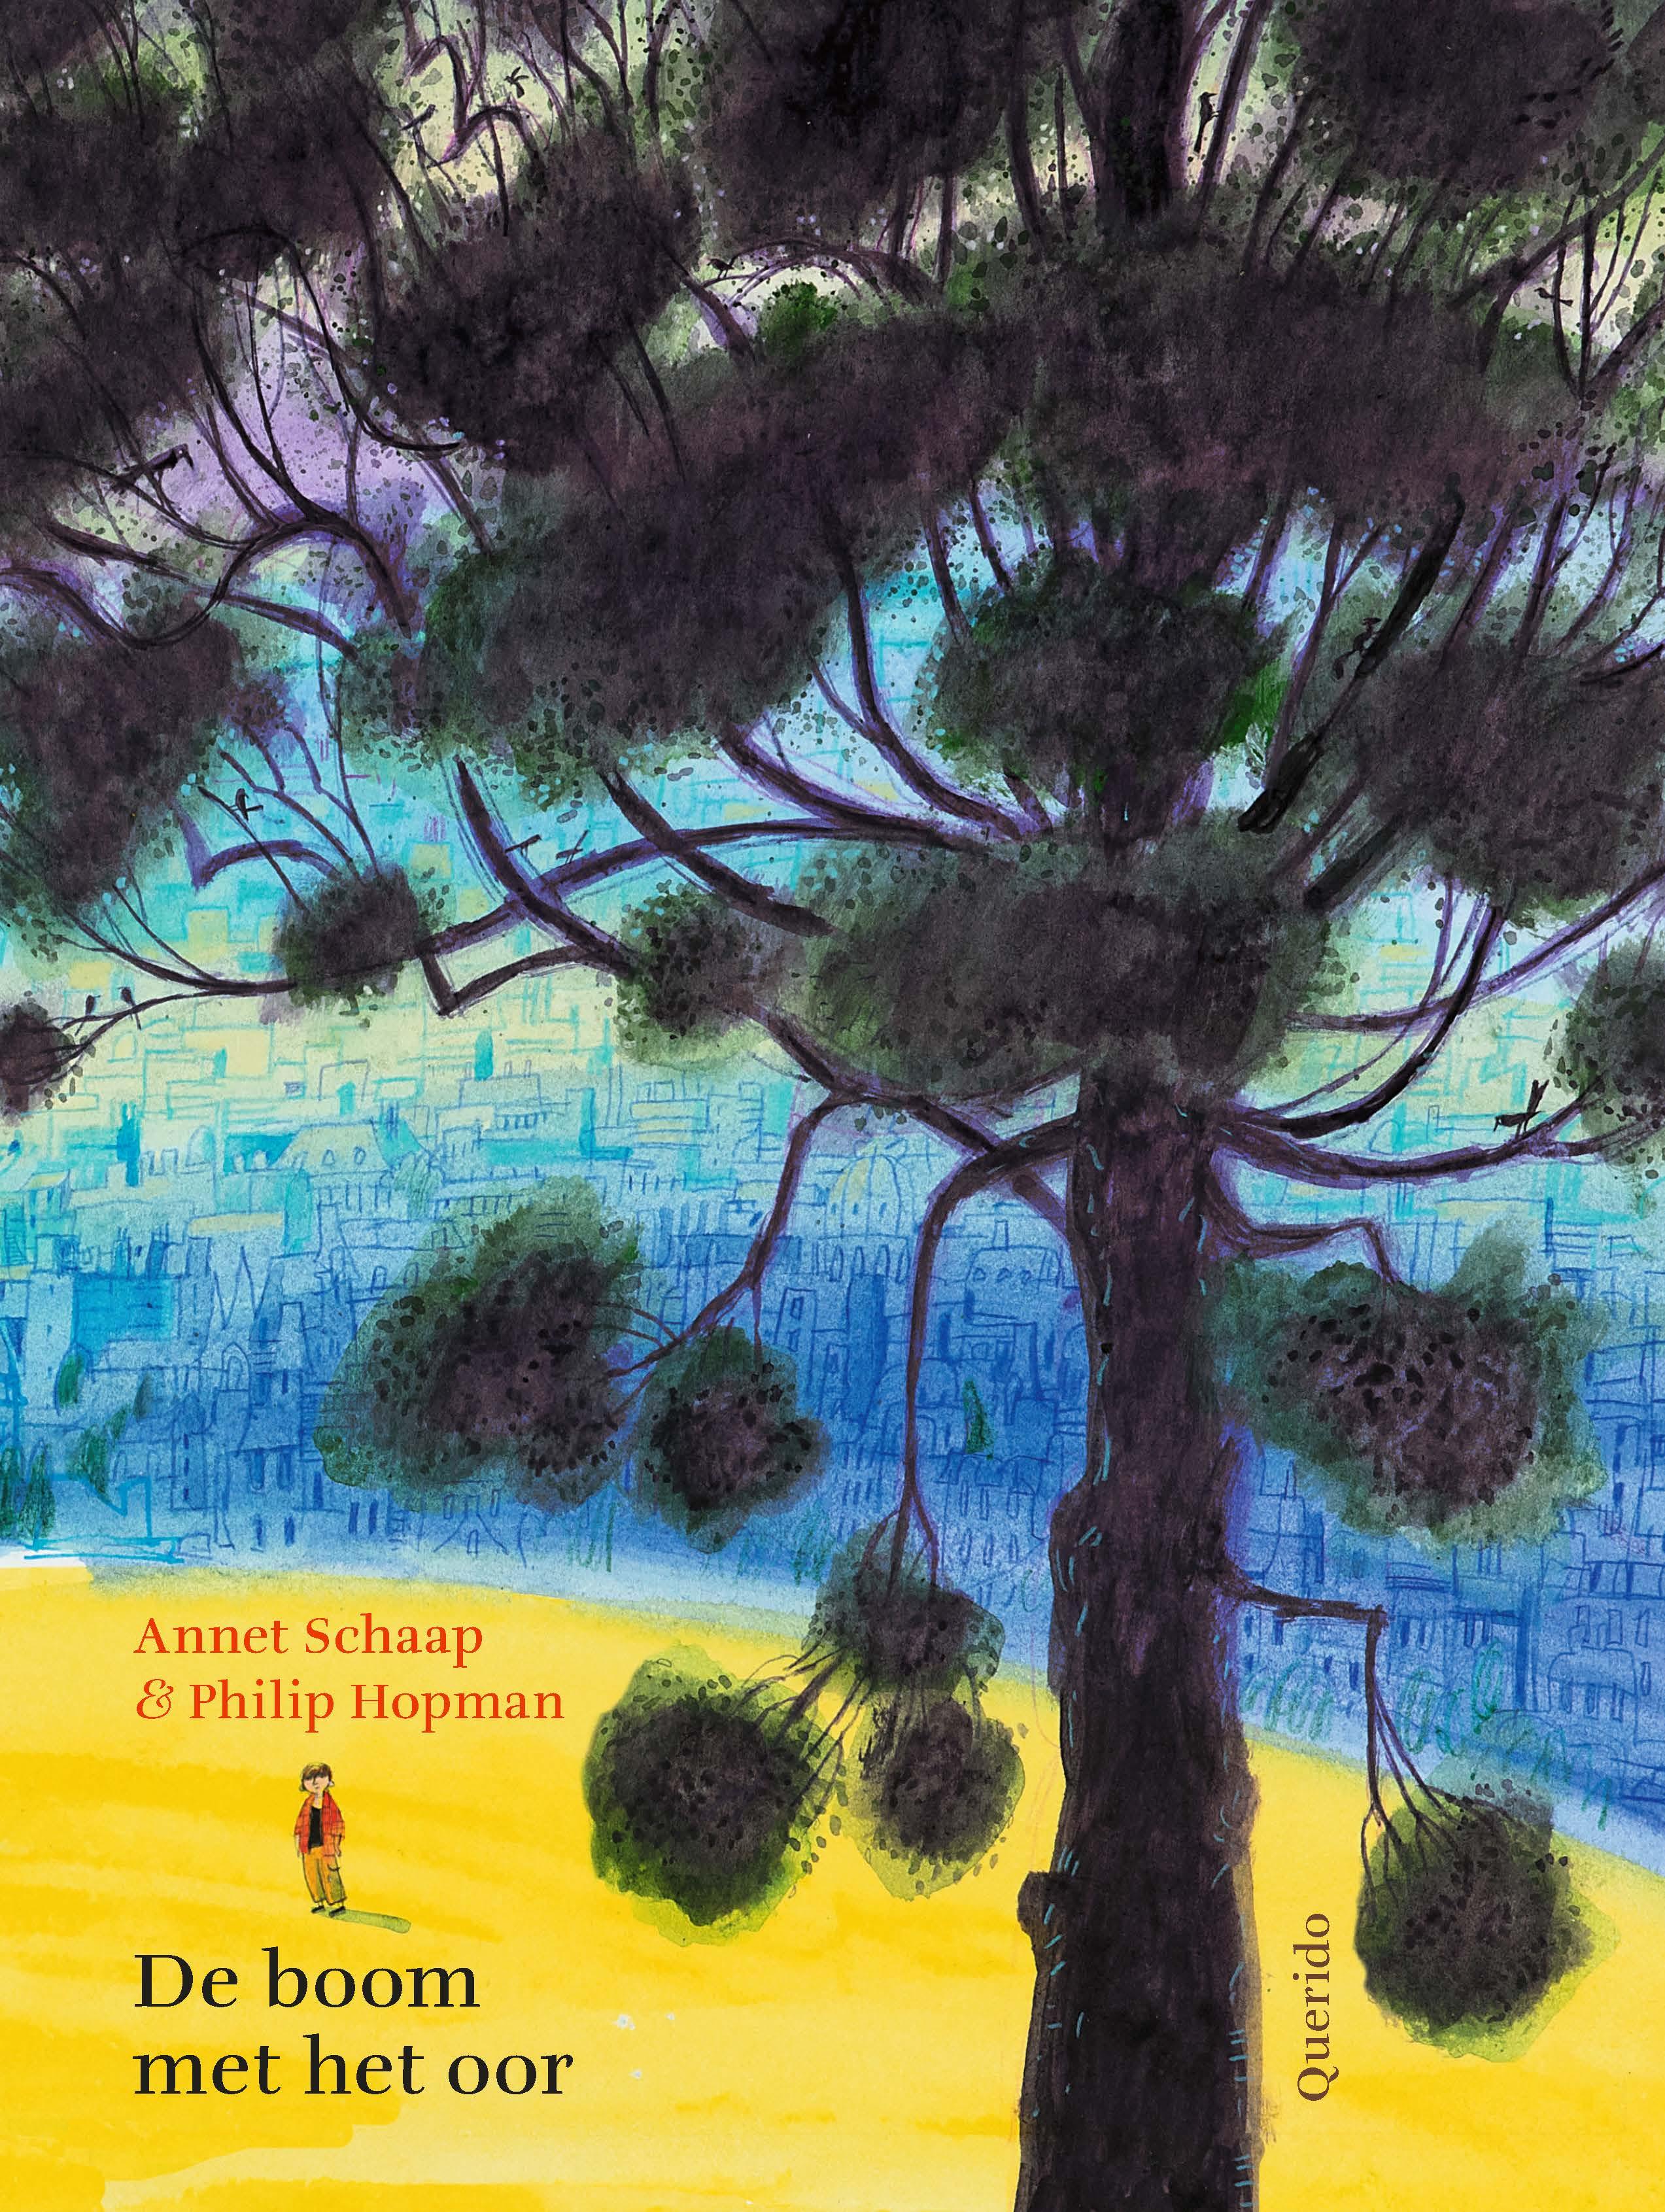 cover van De boom met het oor, prentenboek van Annet Schaap en Philip Hopman